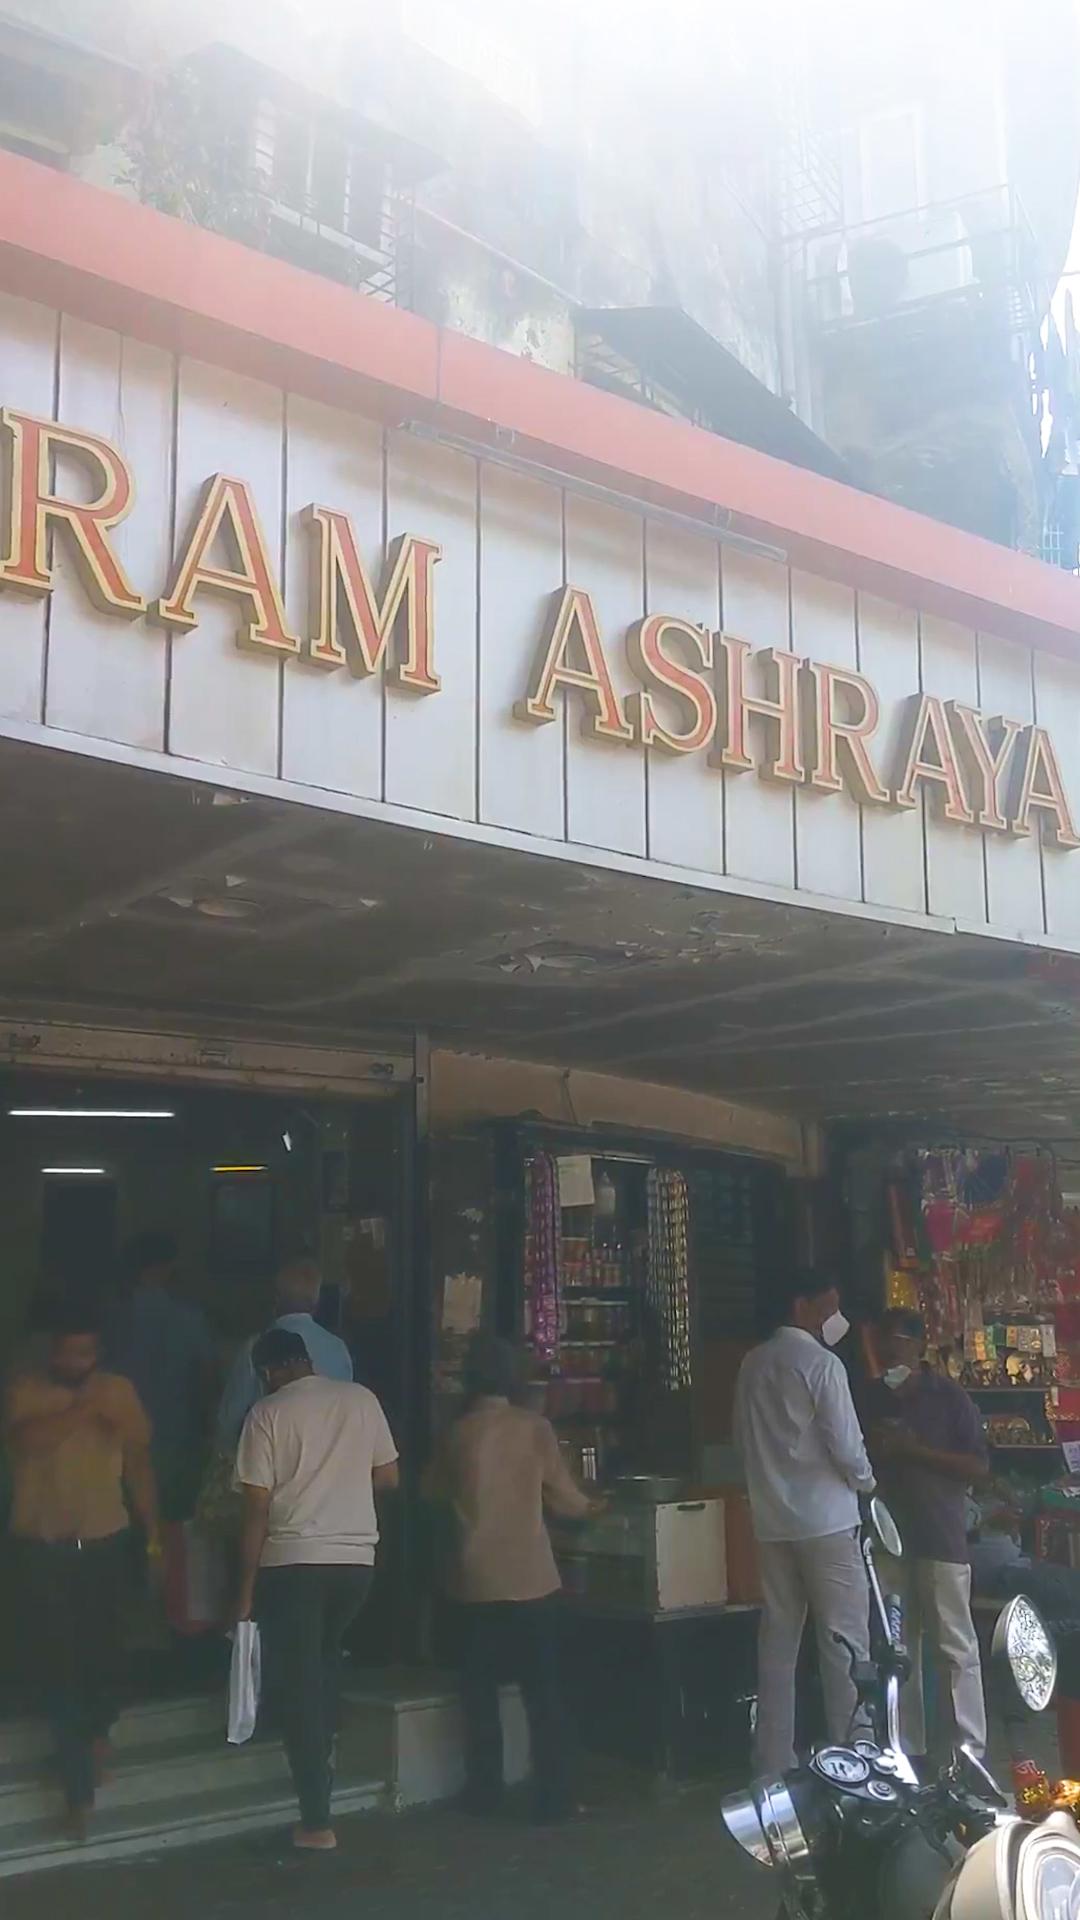 Ram Ashrya